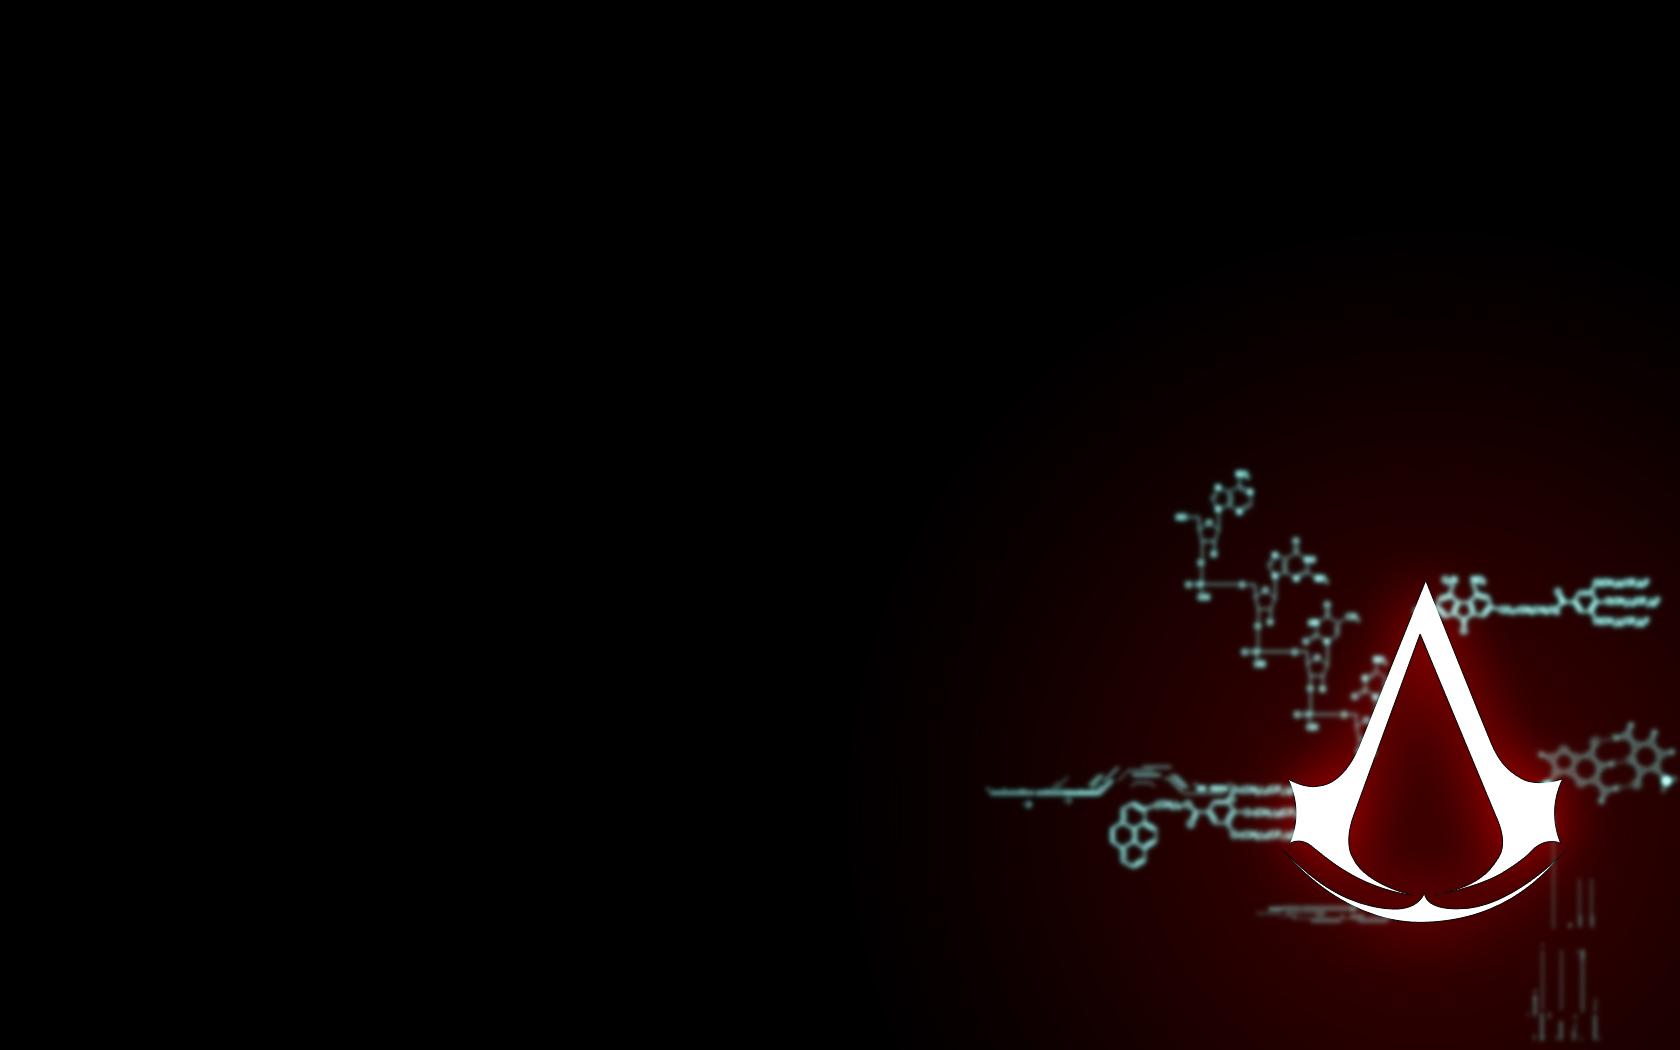 assassin's creed symbol desktop wallpaper - wallpapersafari